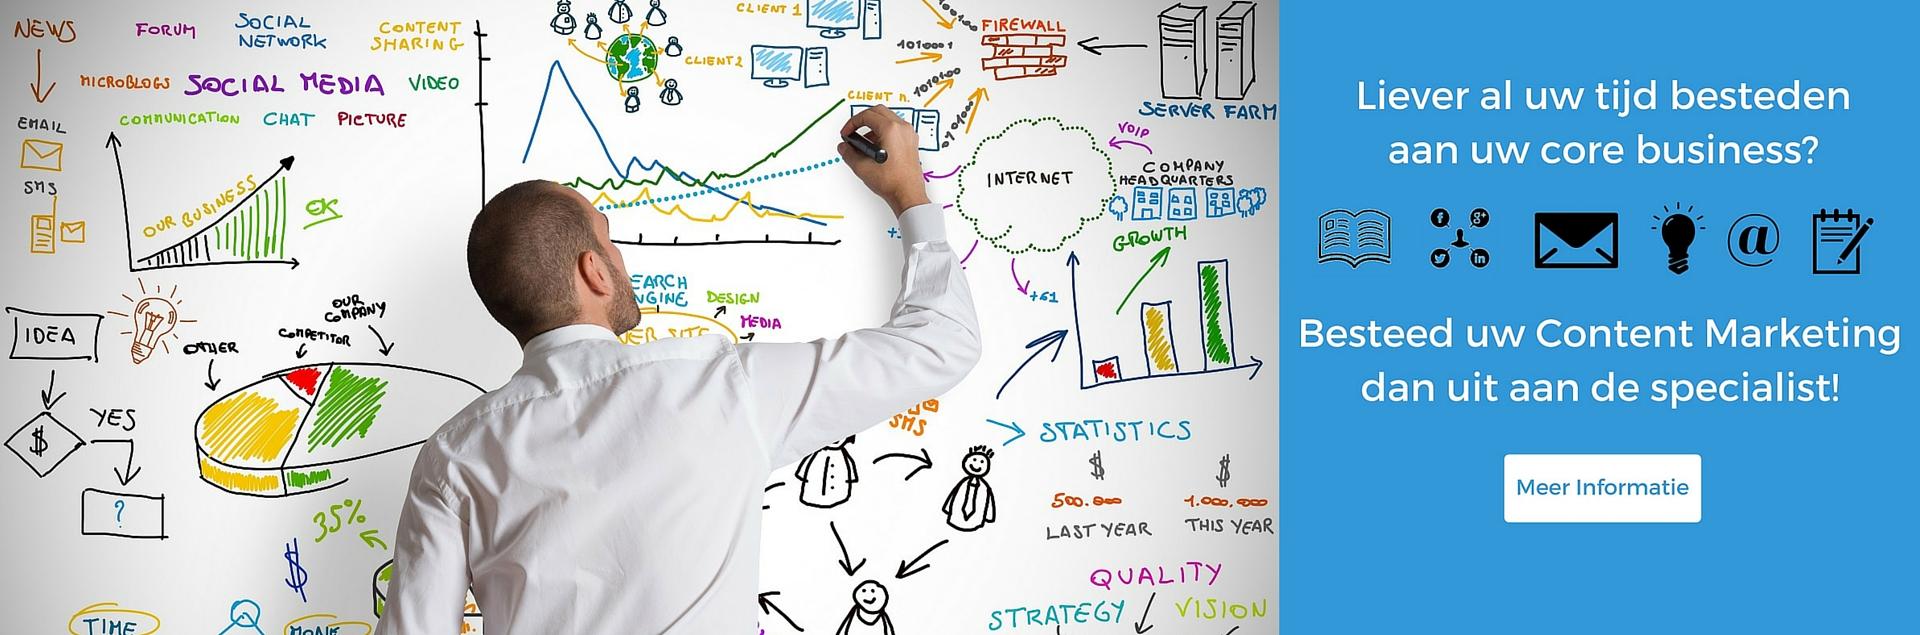 Content Marketing is zeer belangrijk voor uw bedrijf en On Mind kan u hierbij helpen